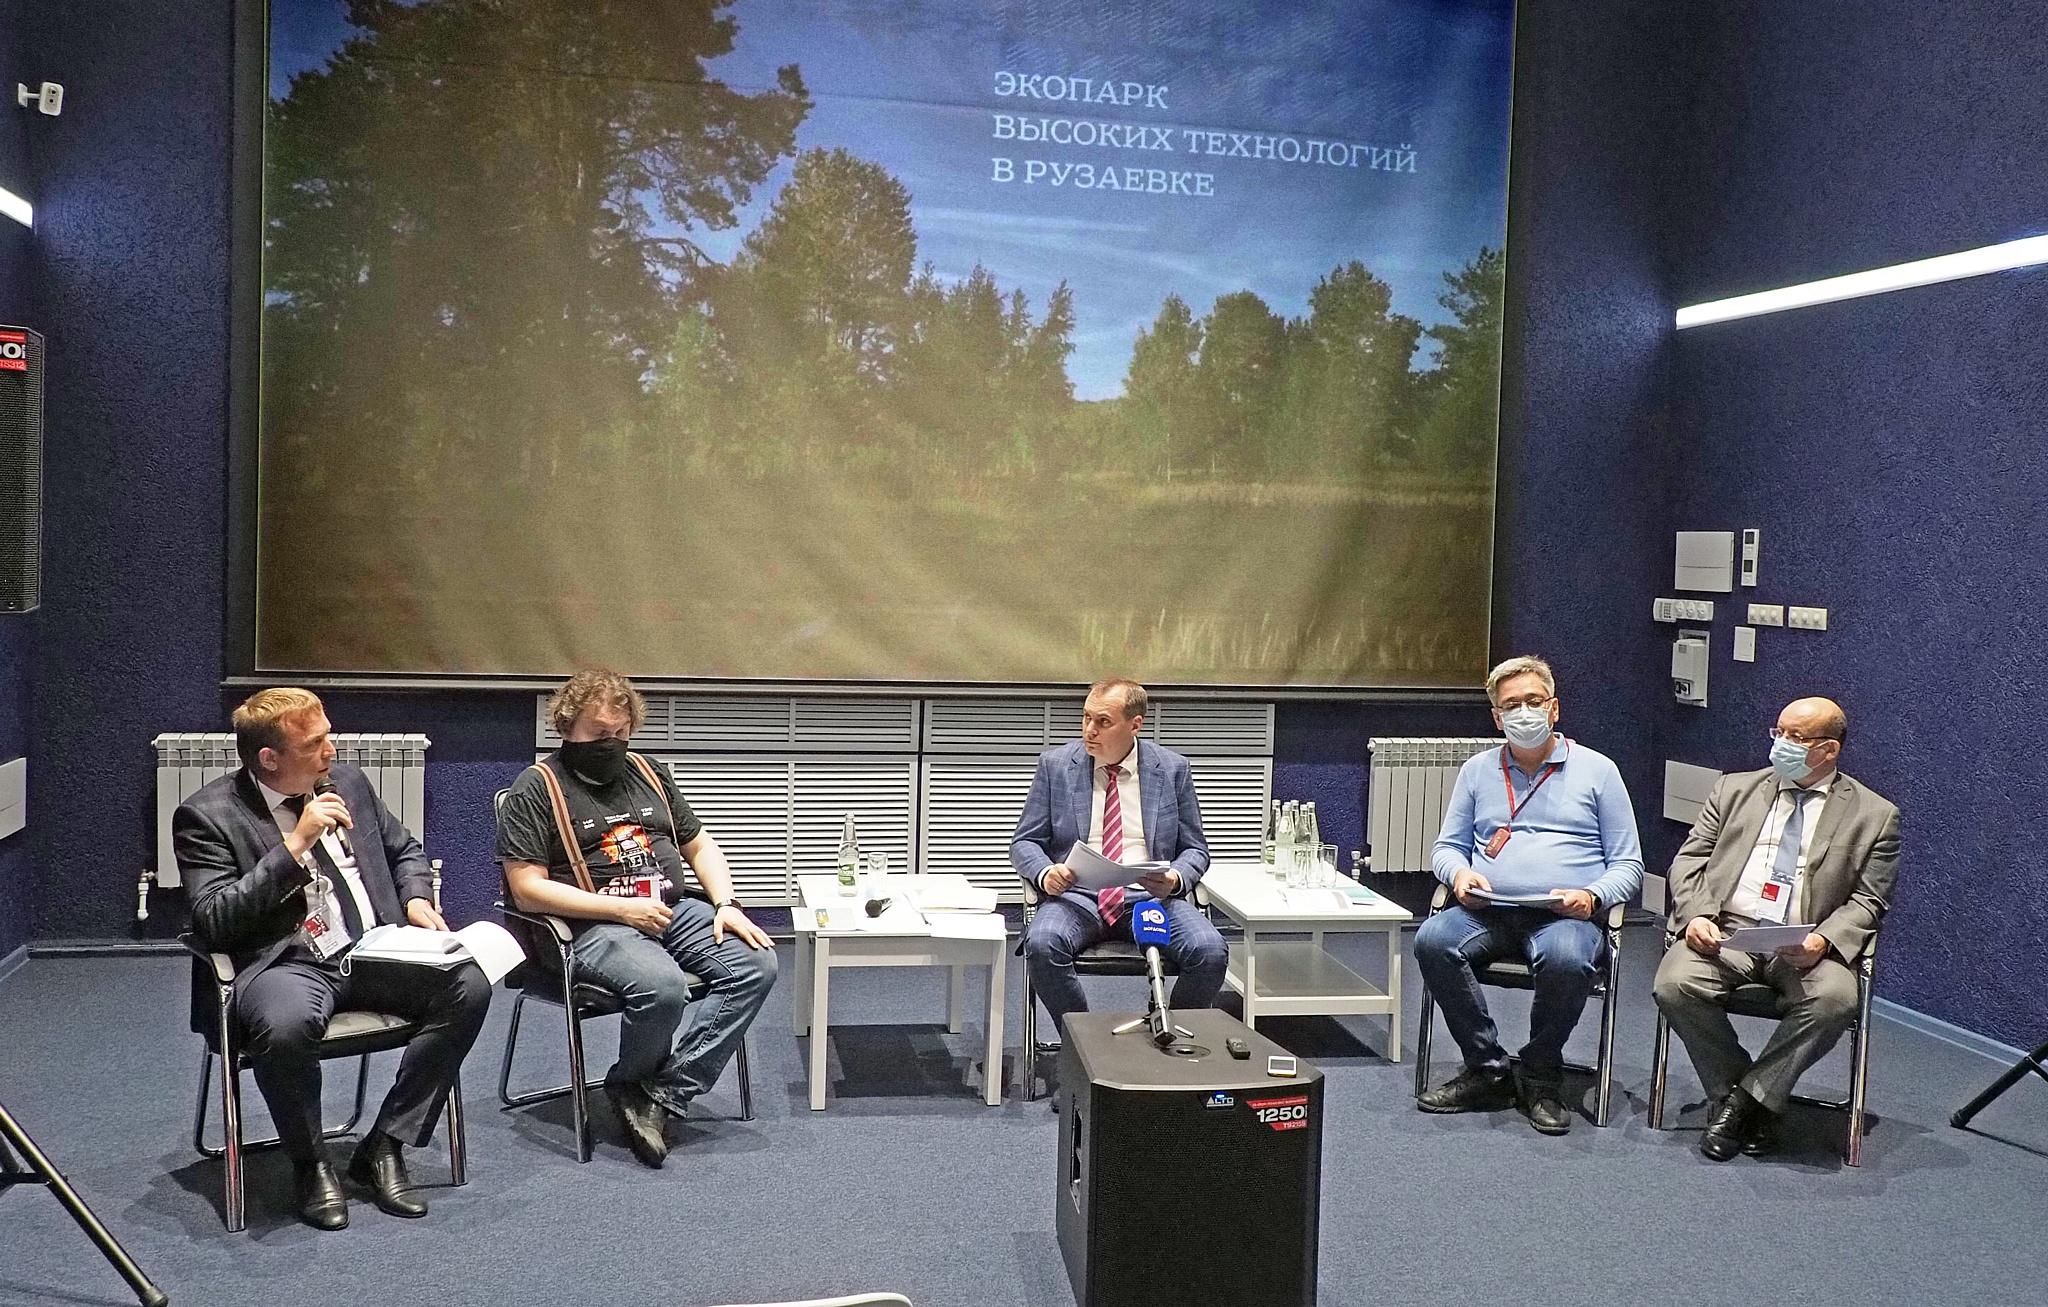 Панельная дискуссия «Экопарк высоких технологий в г. Рузаевка»